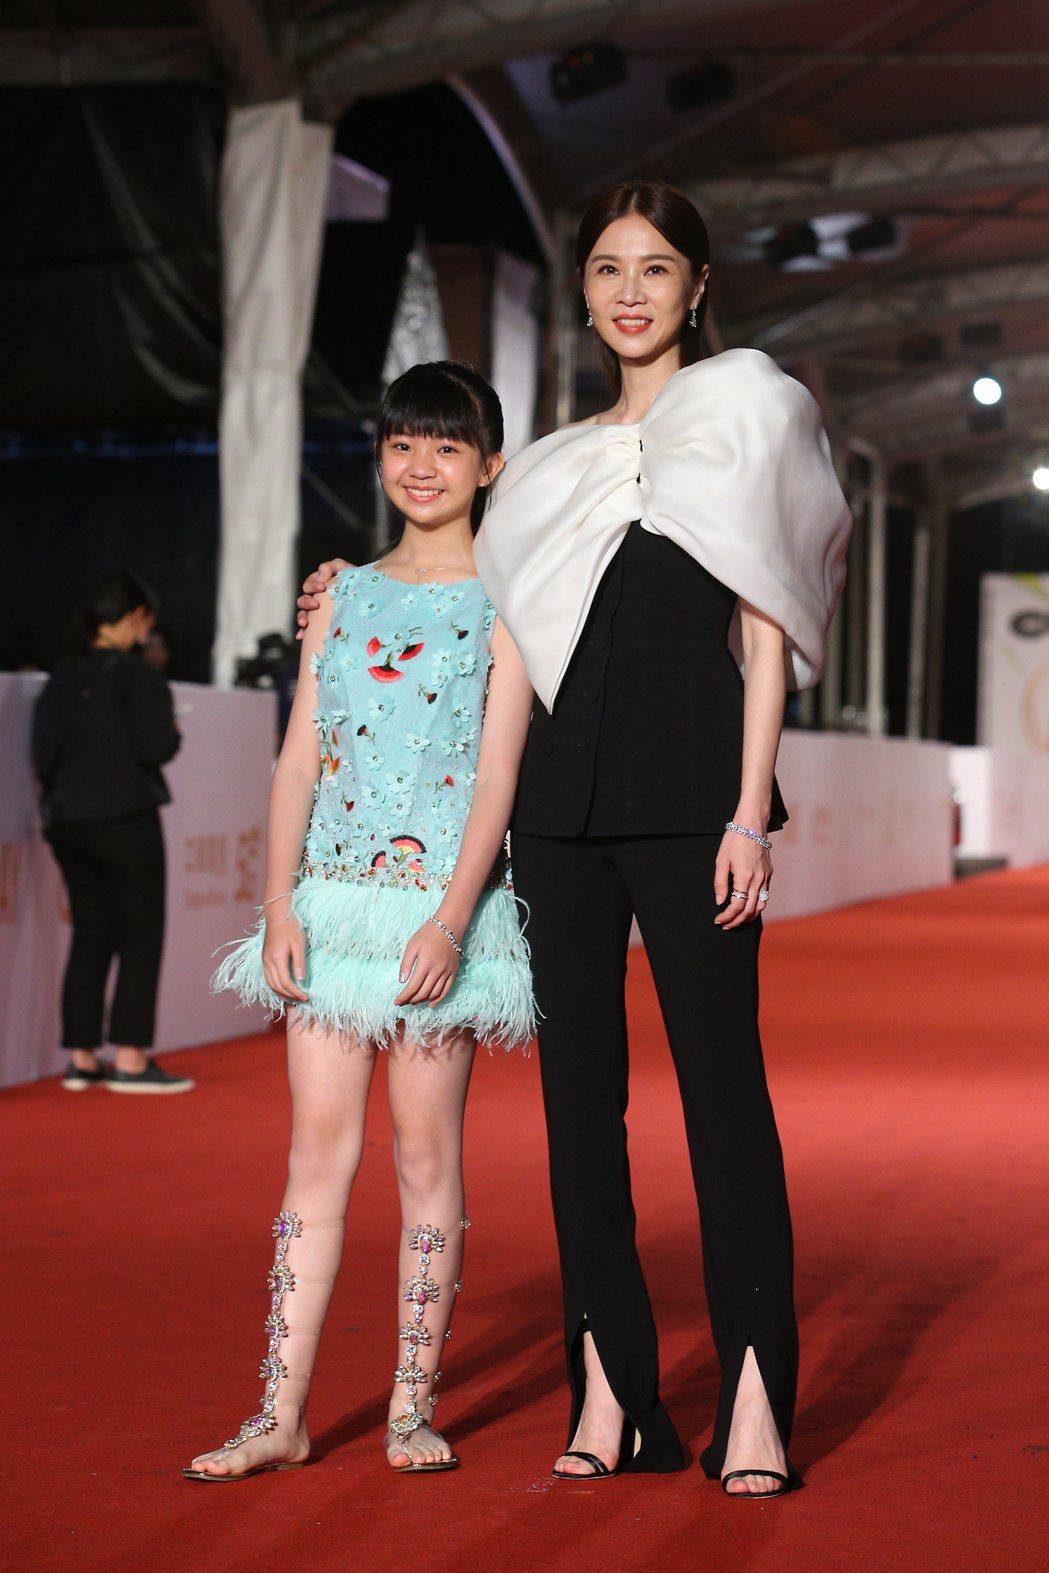 第55屆金鐘獎頒獎典禮在國父紀念館舉行,吳以涵(左)、謝盈萱(右)走星光大道。記...